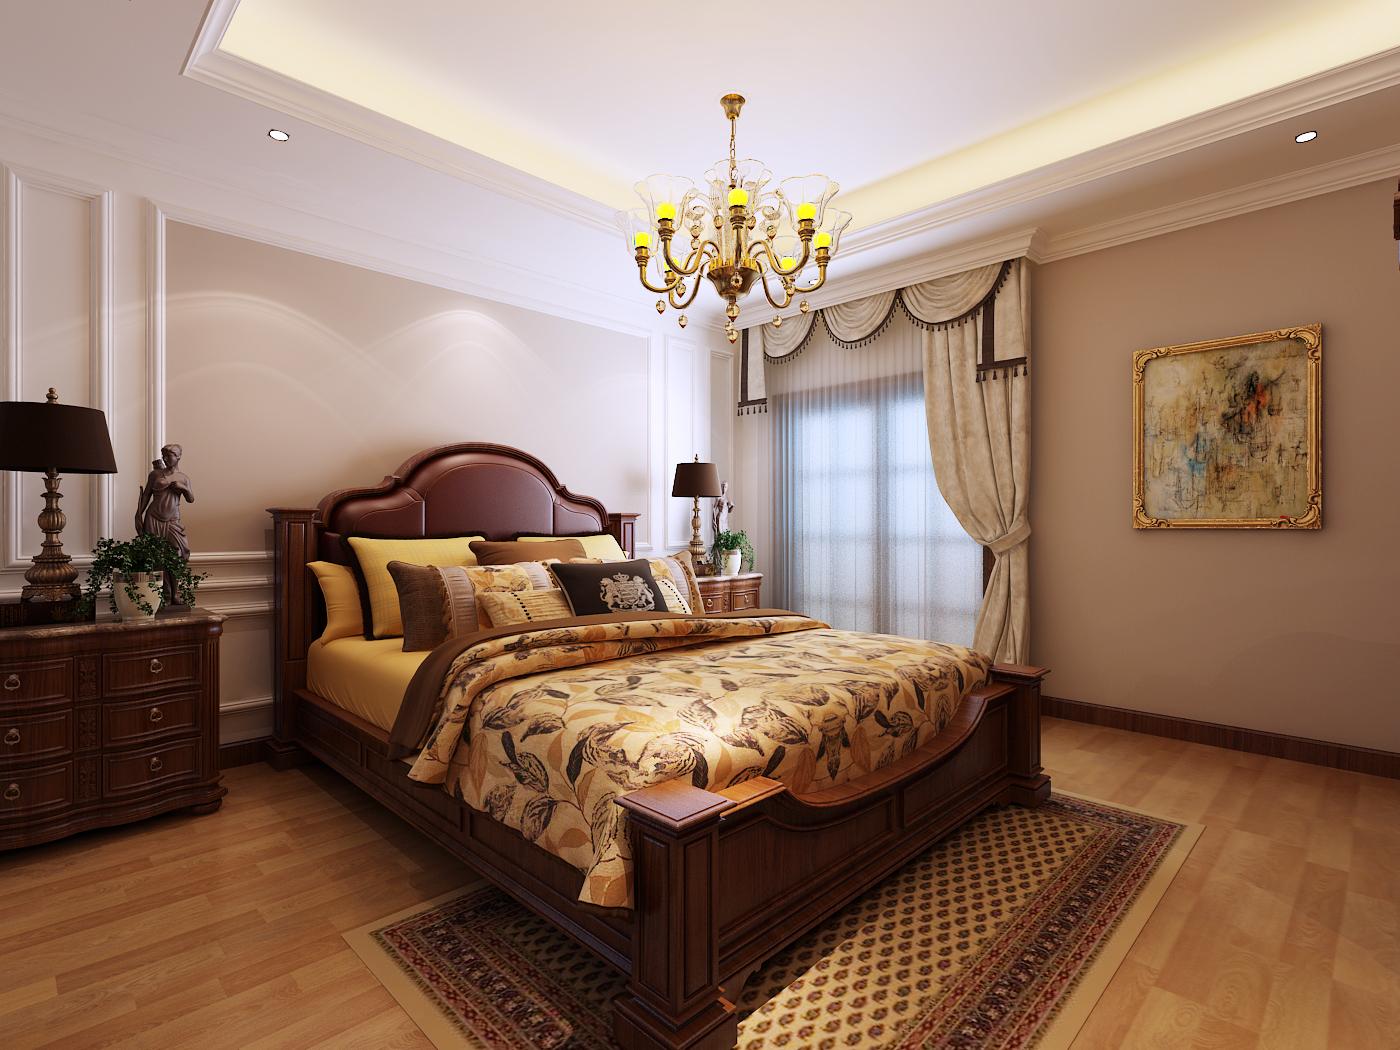 龙湖滟澜海 欧式 别墅 卧室图片来自青岛生活家家居科技有限公司在龙湖滟澜海岸的分享